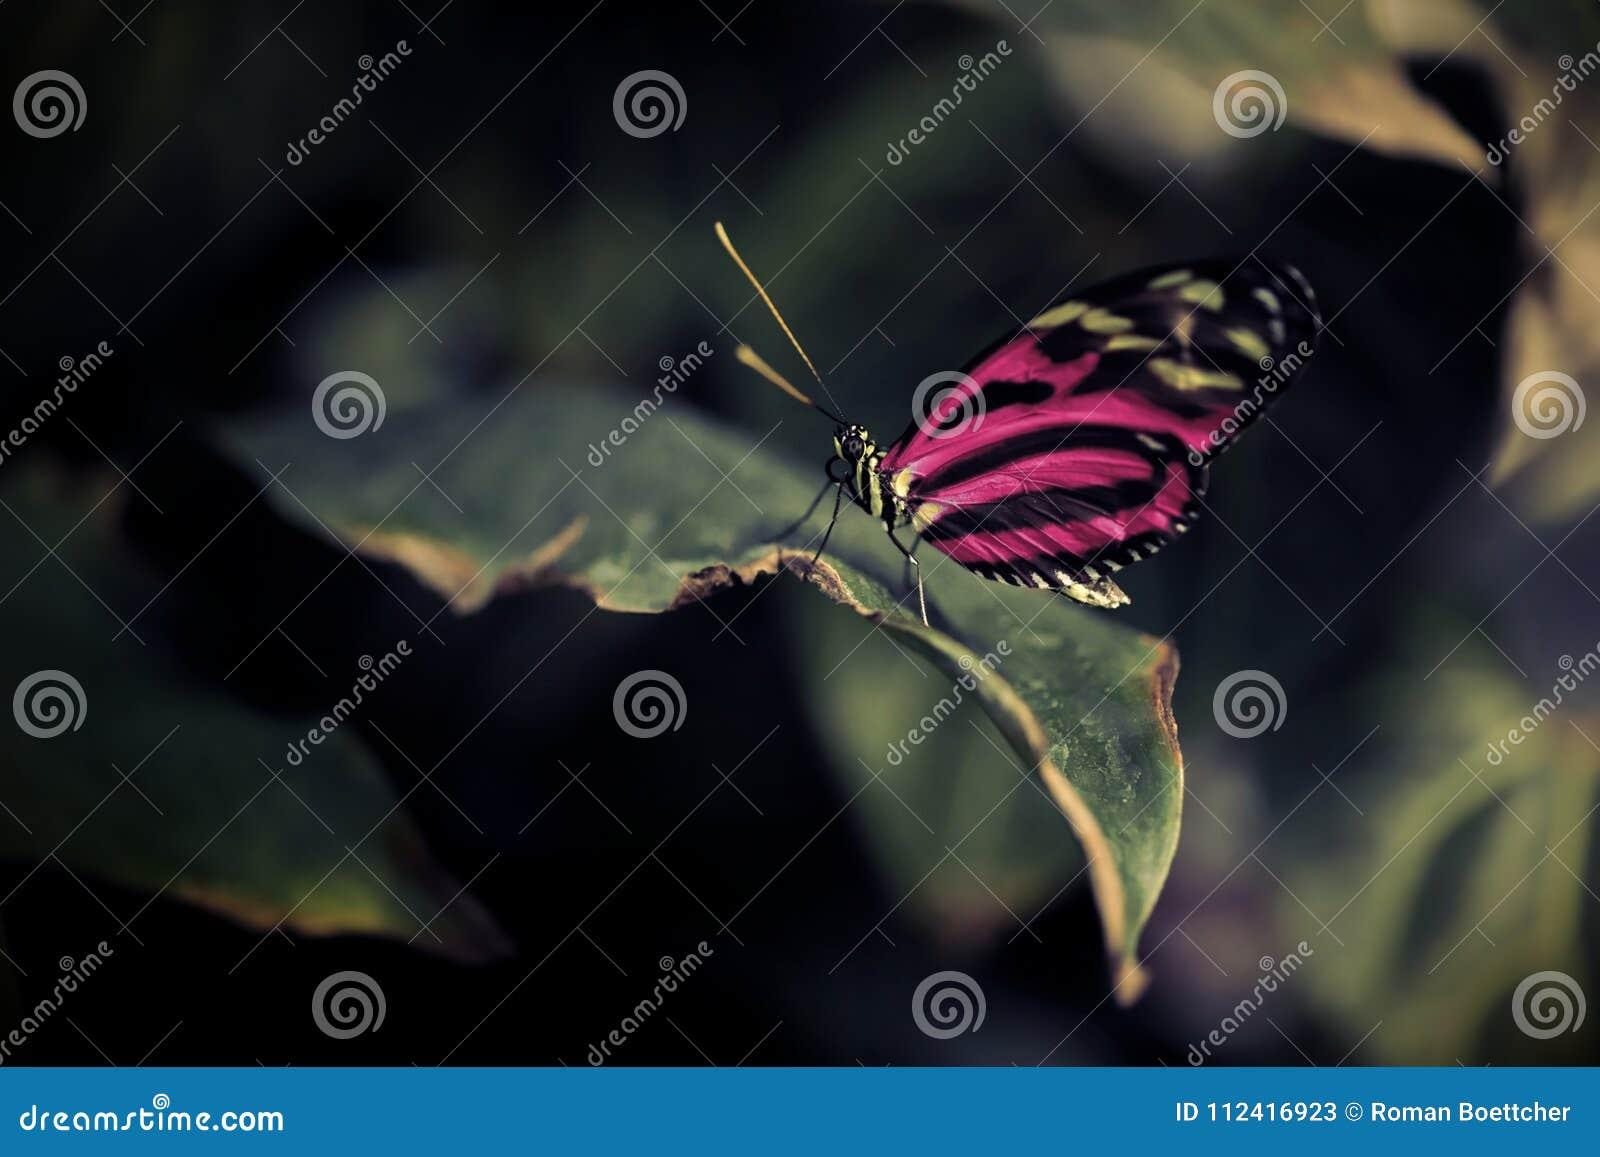 κινηματογράφηση σε πρώτο πλάνο της πεταλούδας με τα αλλοτριωμένα φωτεινά ρόδινα φτερά που κάθονται σε ένα φύλλο αντιπαραβαλλόμενο